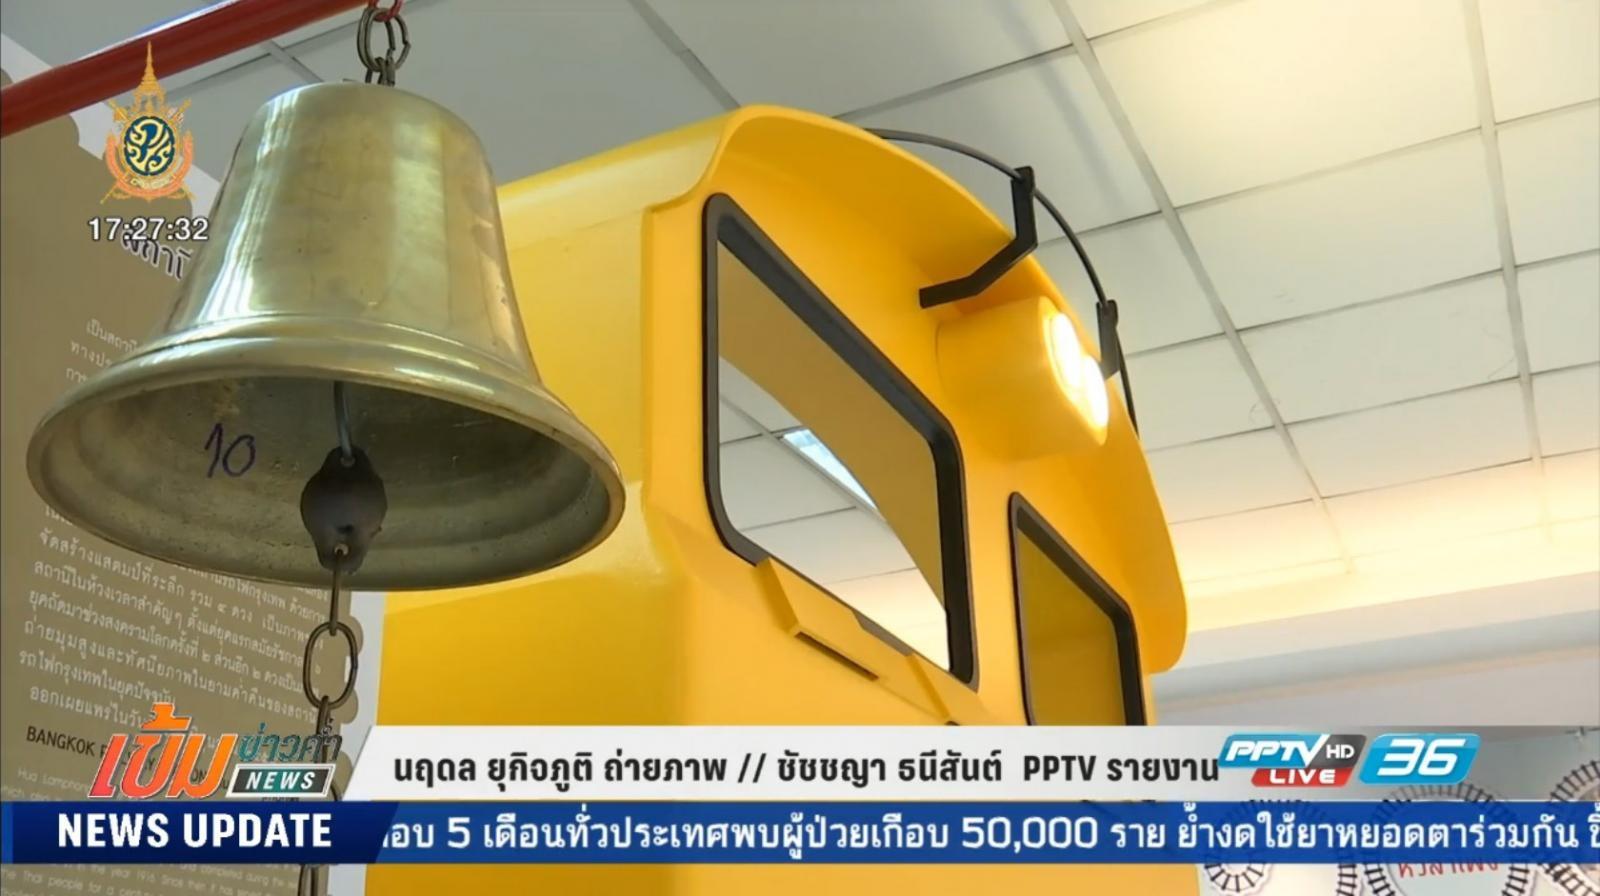 แสตมป์ที่ระลึก 100ปี การรถไฟของไทย